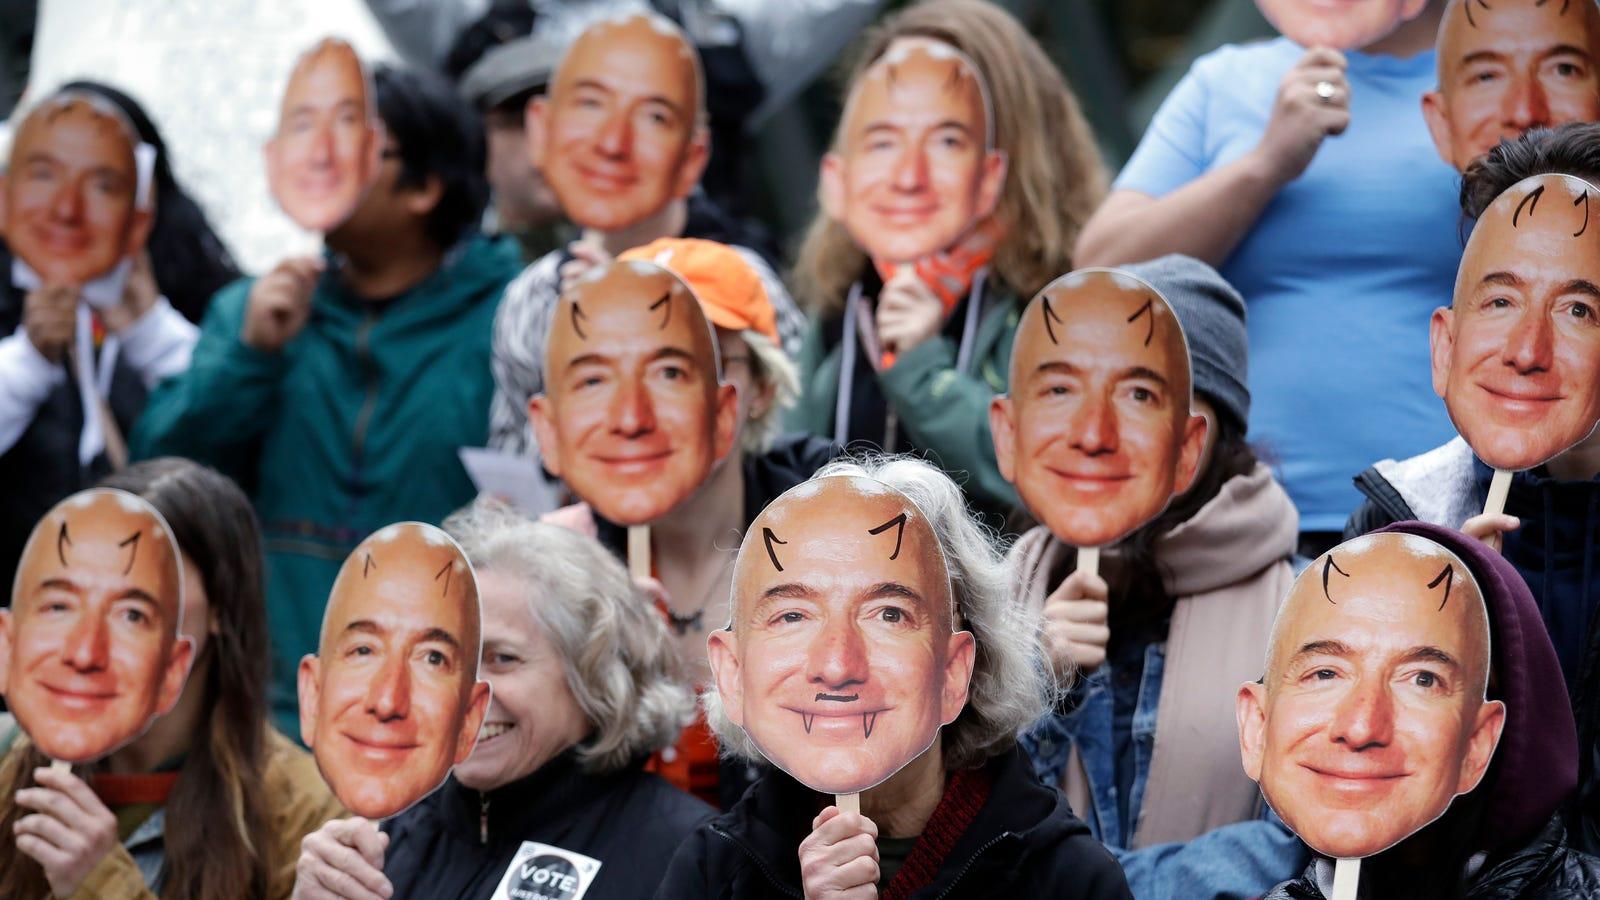 Amazon Breaks Silence on Aiding Law Enforcement Following Employee Backlash